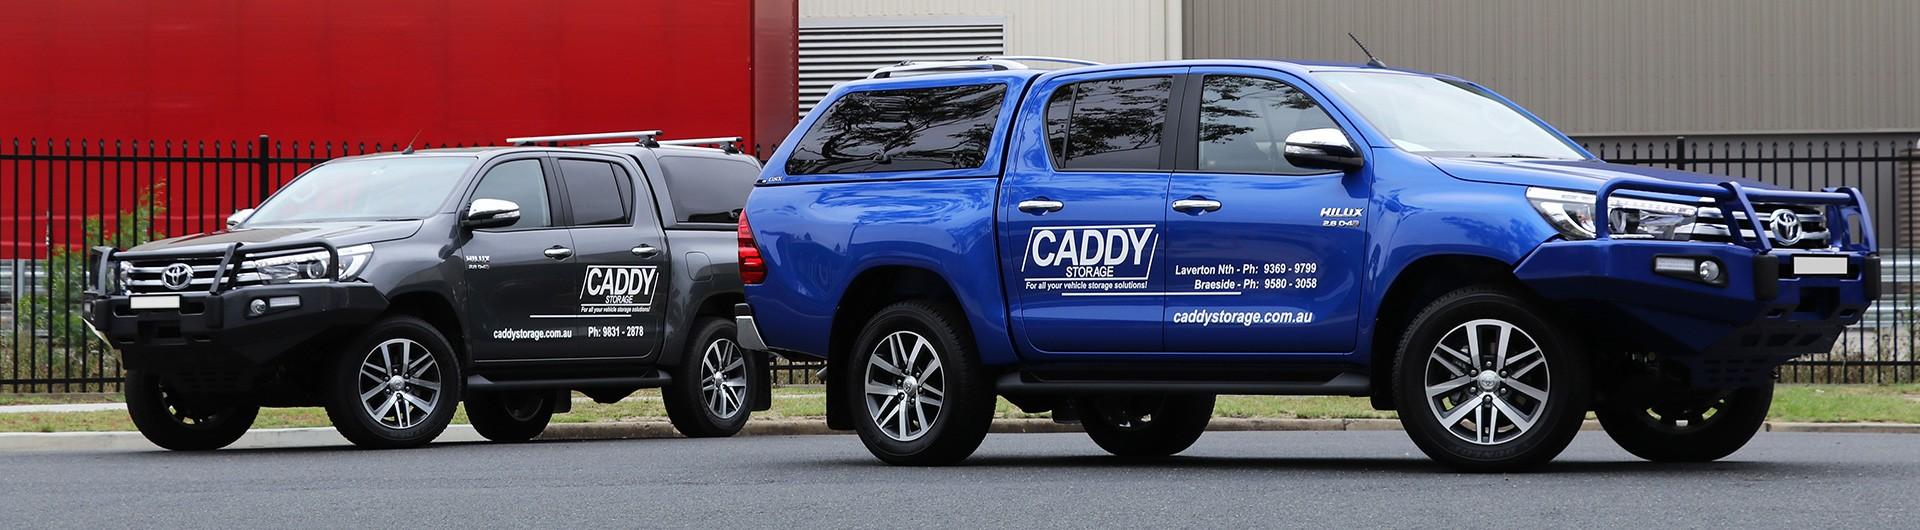 Caddy Storage | LinkedIn